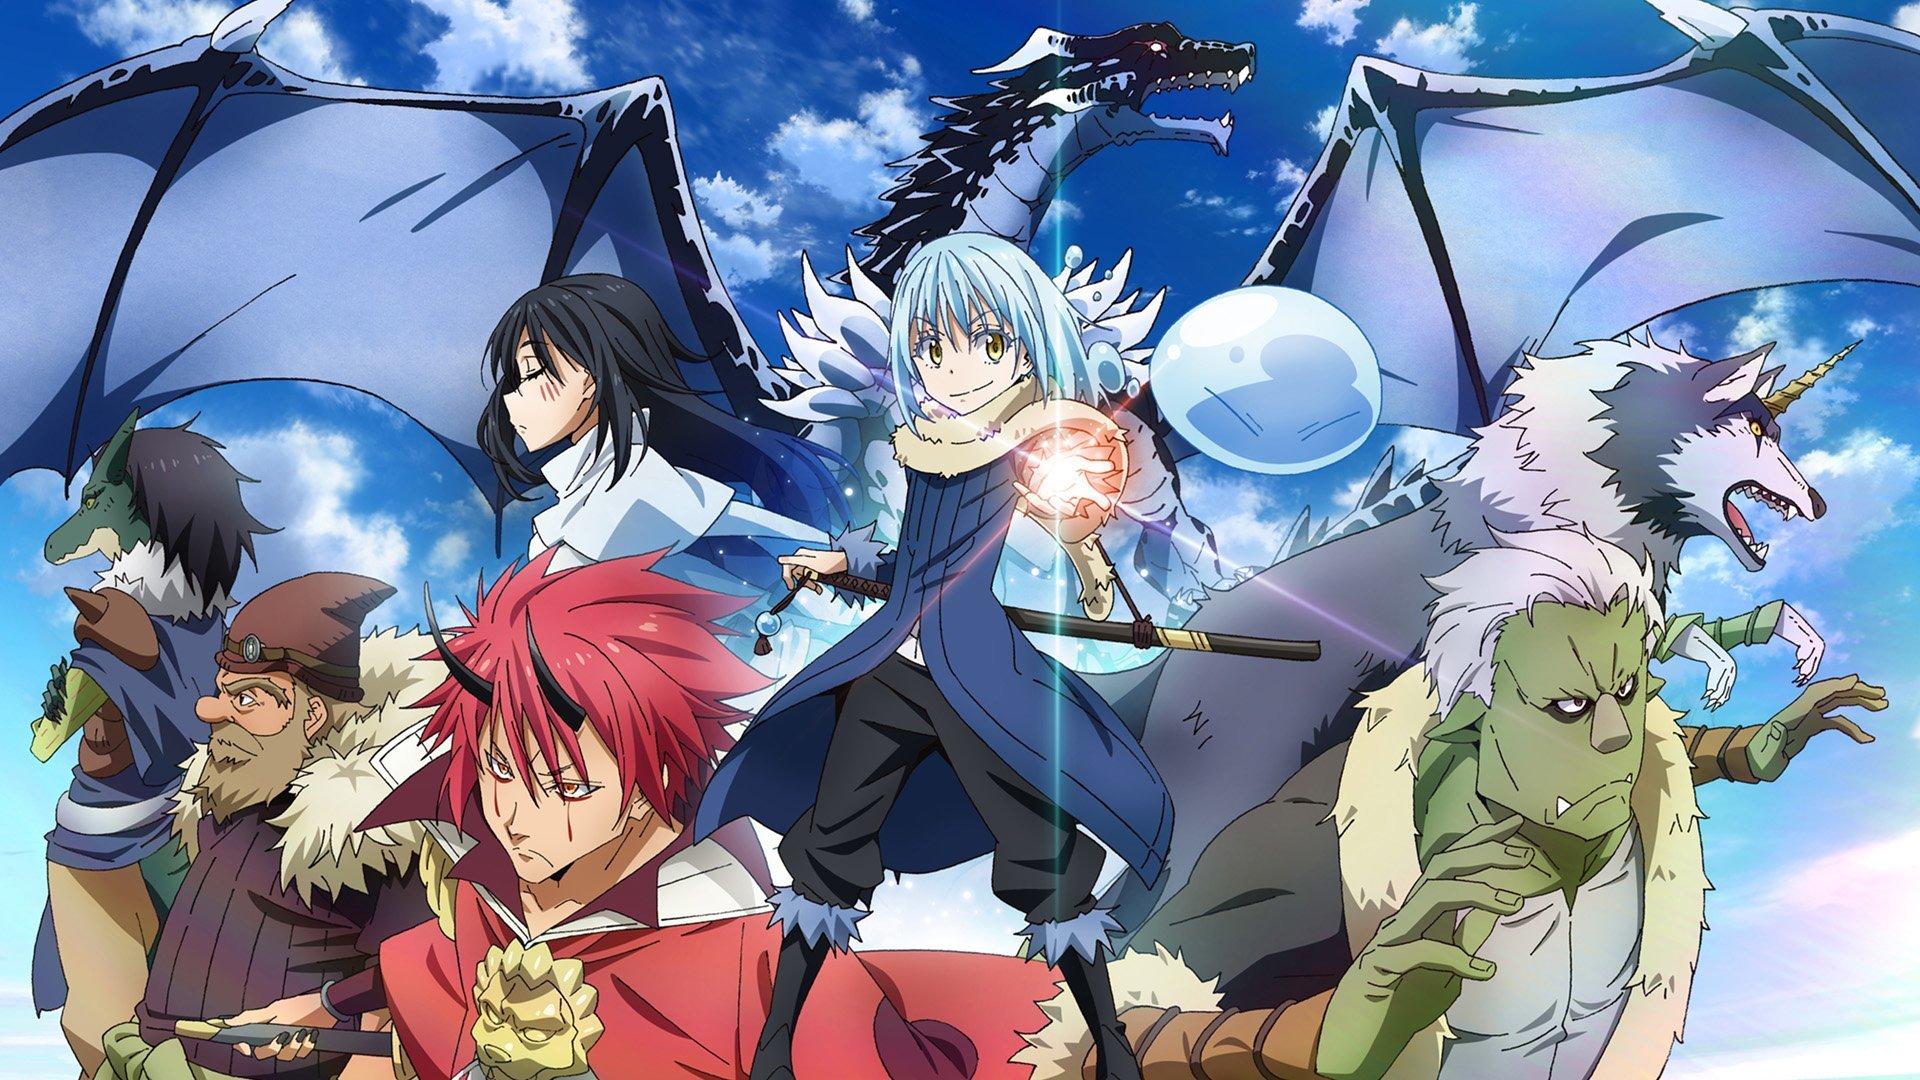 A Bandai Namco começou a exibir o 2° trailer da 2° temporada da adaptação para série anime da novel Tensei Shitara Slime Datta Ken neste domingo.